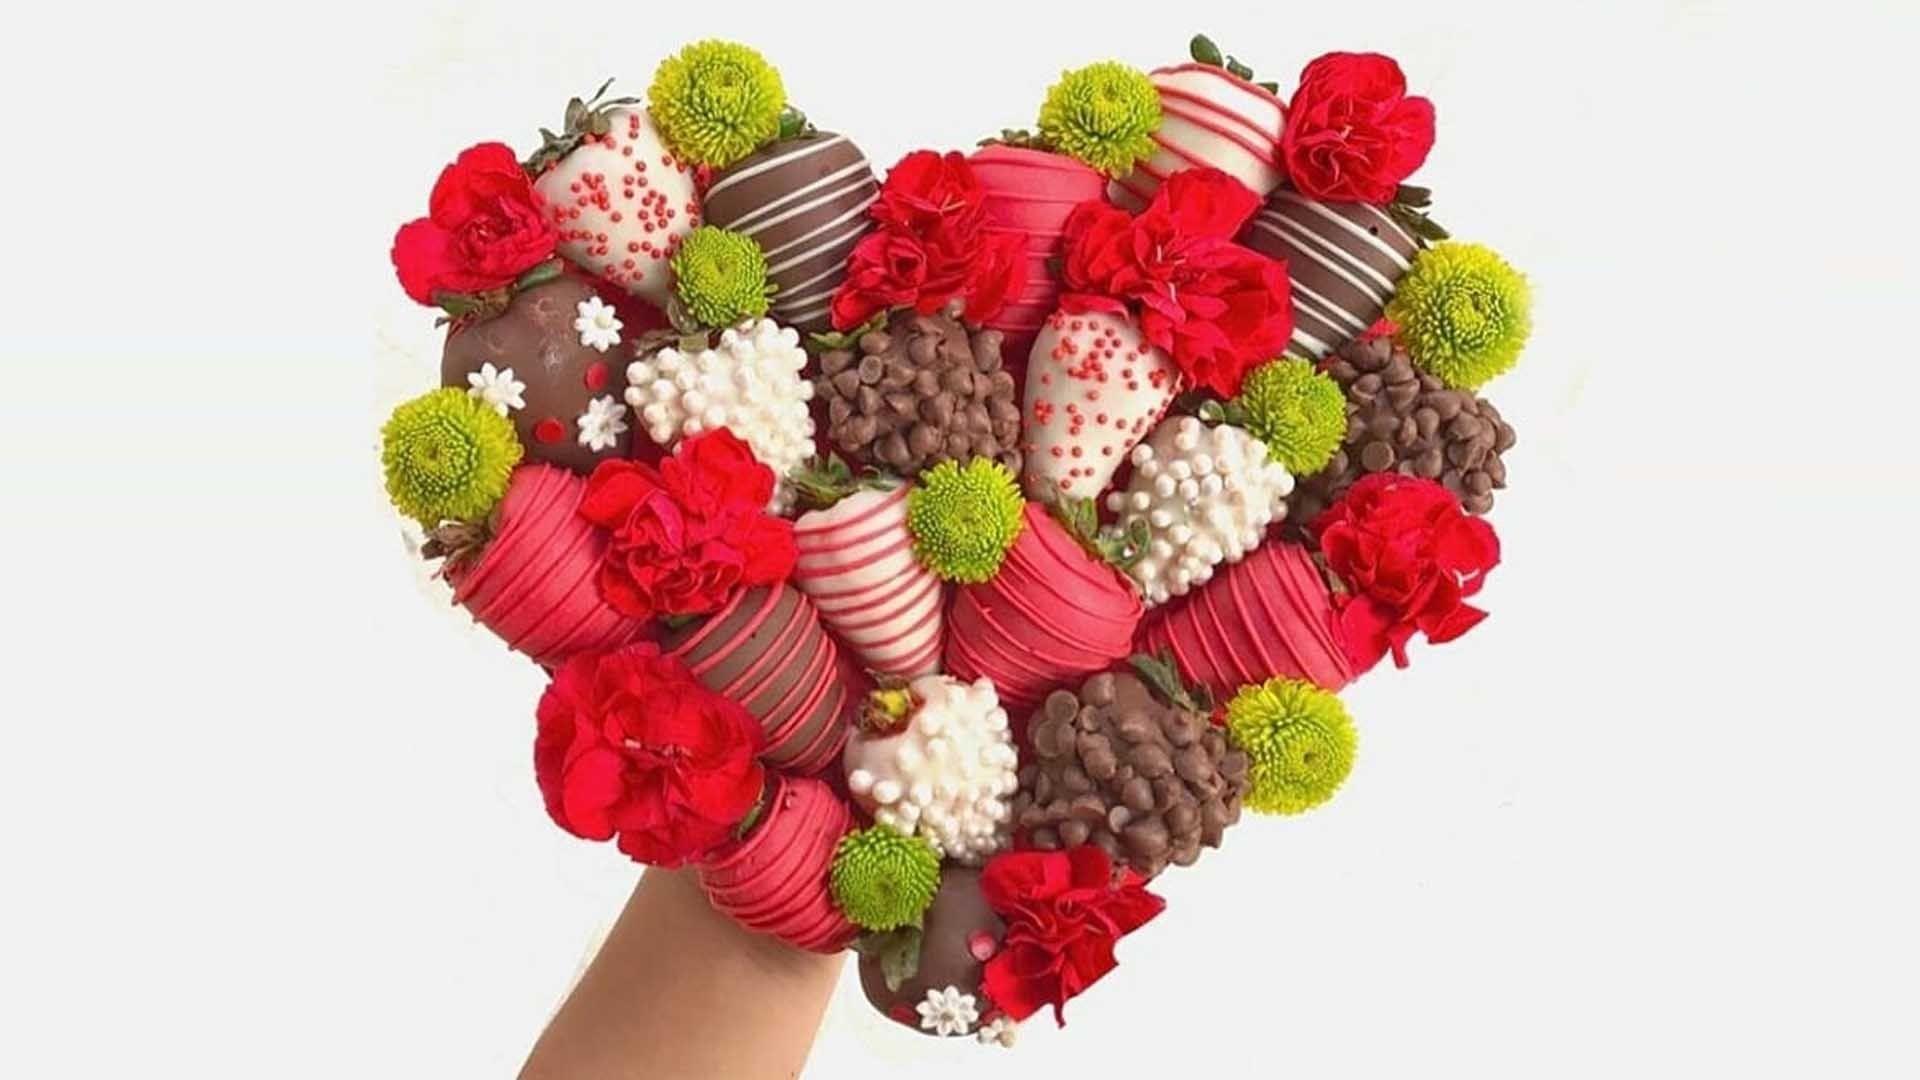 Regalos y decoración con frutas